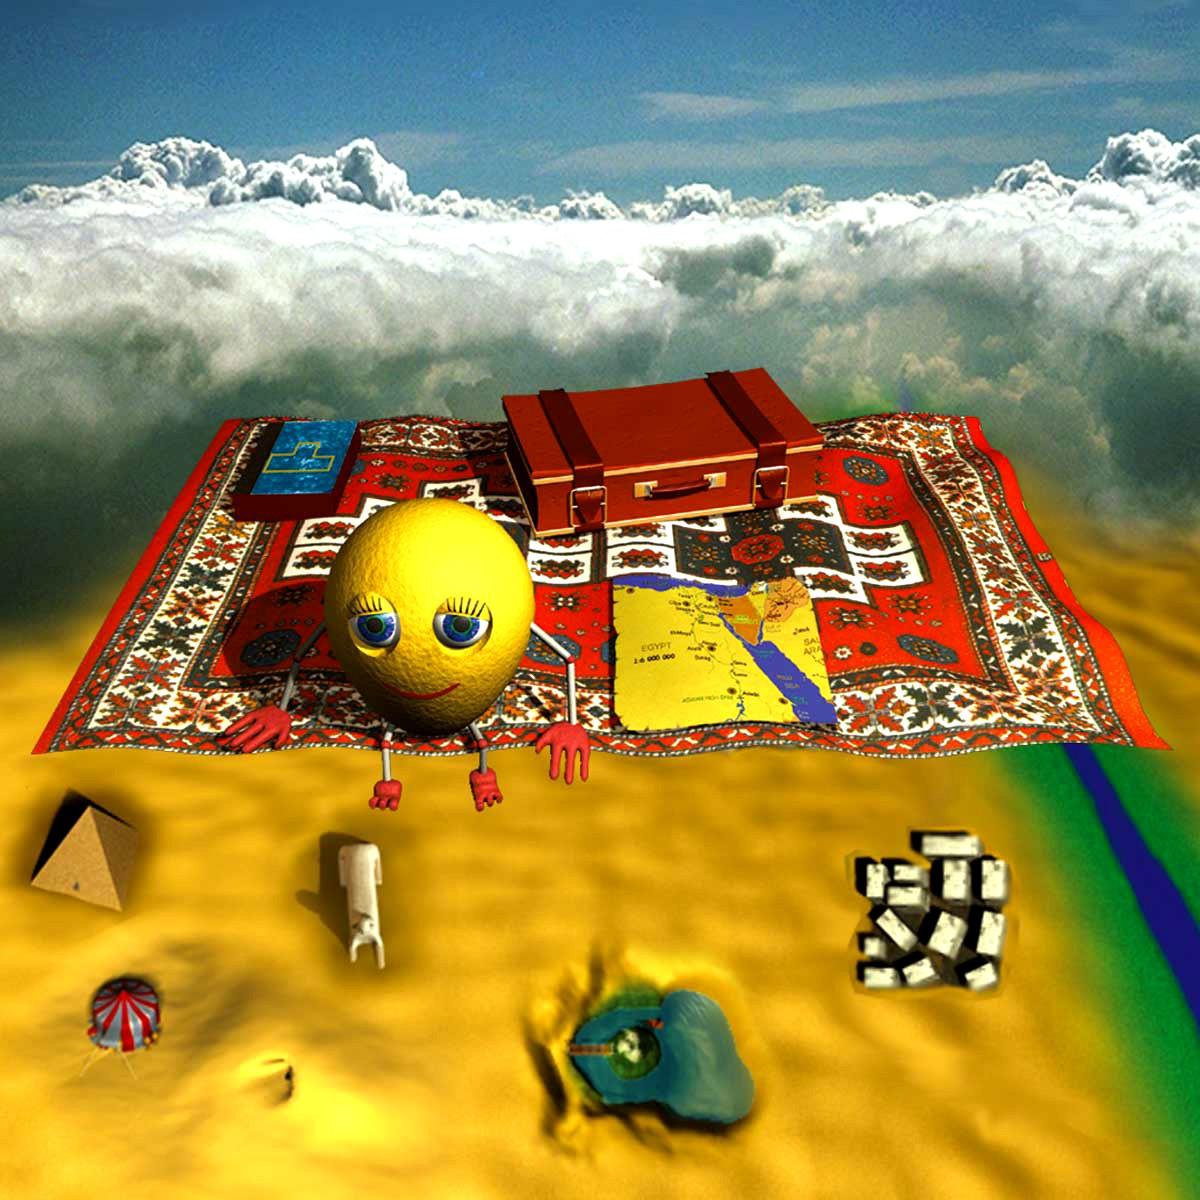 Den flygande mattan